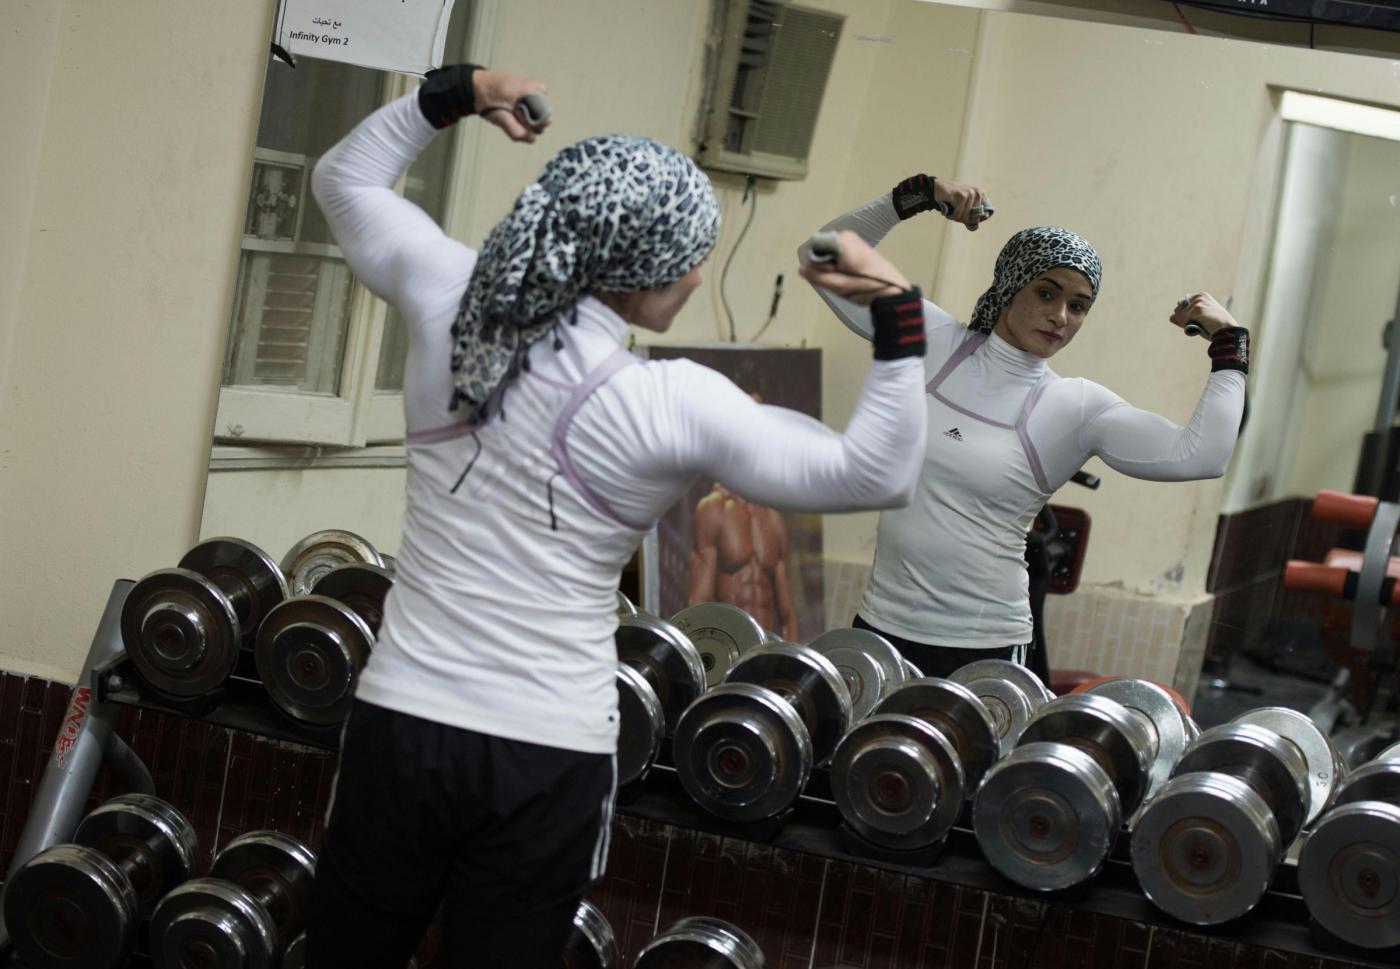 La prima palestra per donne musulmane apre nel Regno Unito